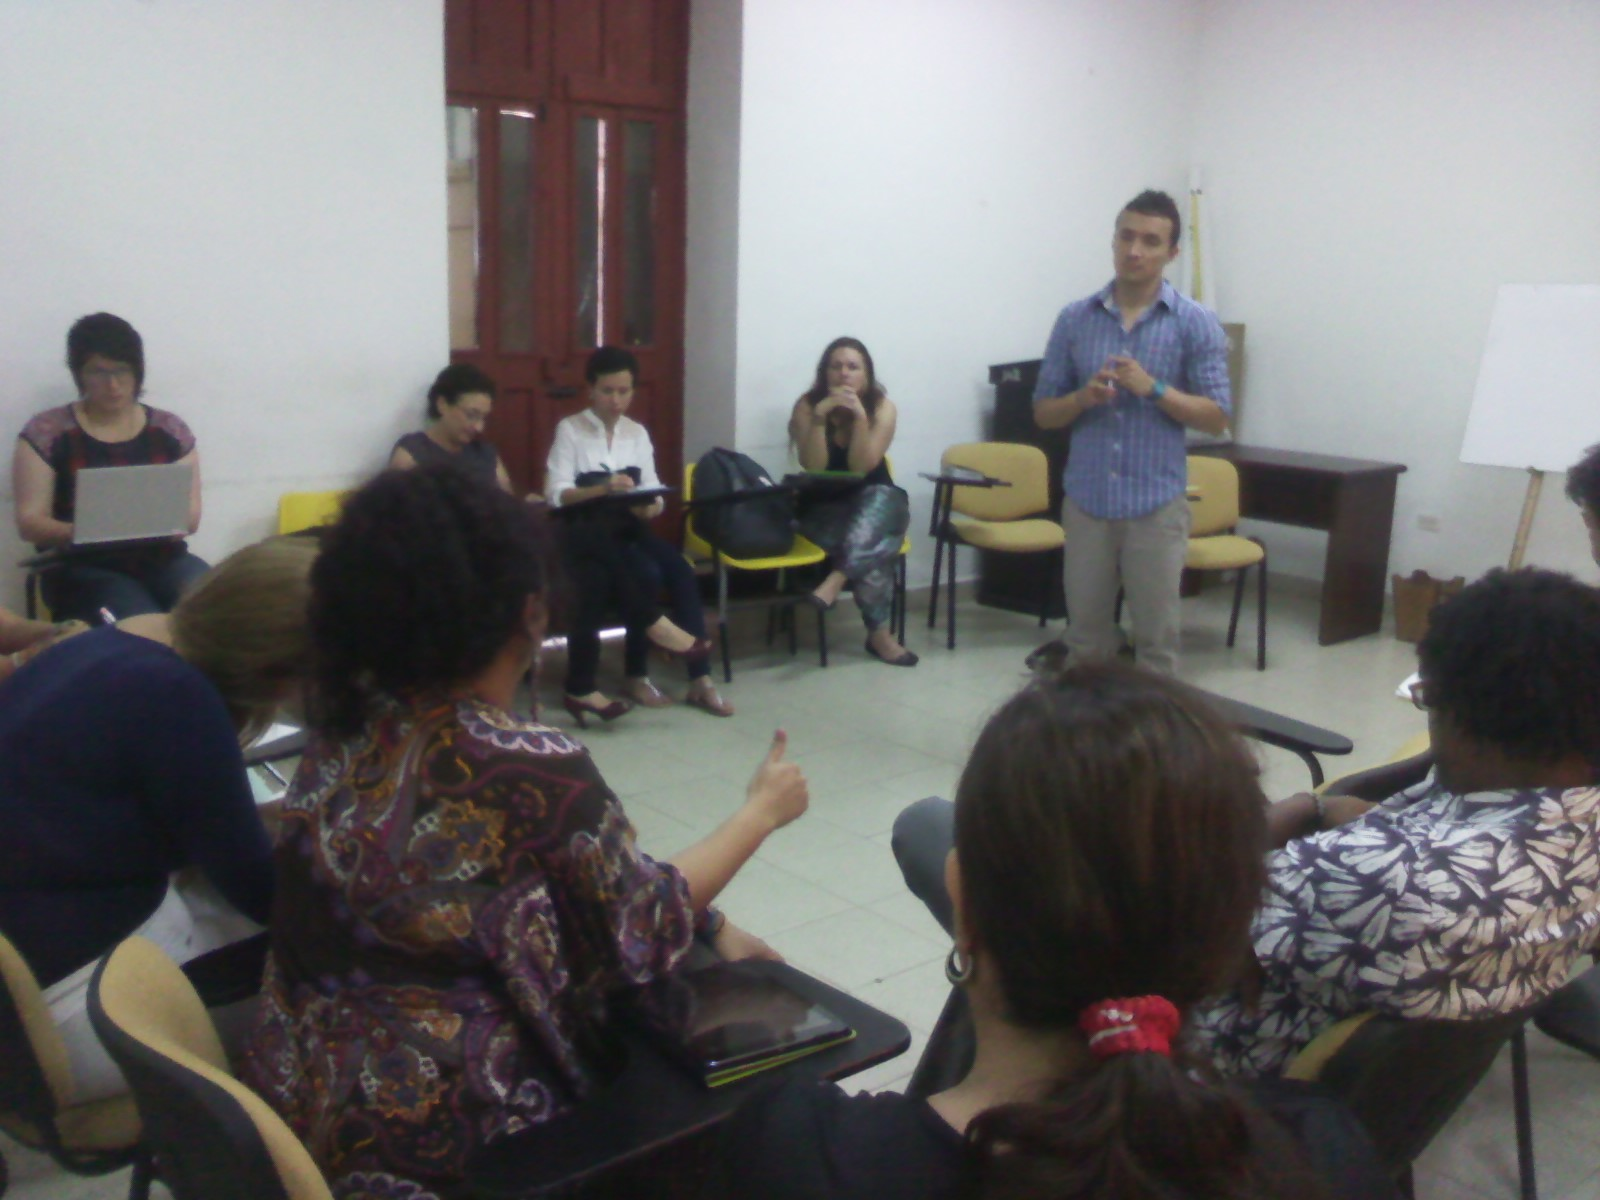 Reunión de socialización de la propuesta de caracterización y reconstrucción de memoria, del Centro Nacional de Memoria Histórica con Funcionarios públicos y sociedad civil en la ciudad de Cartagena.